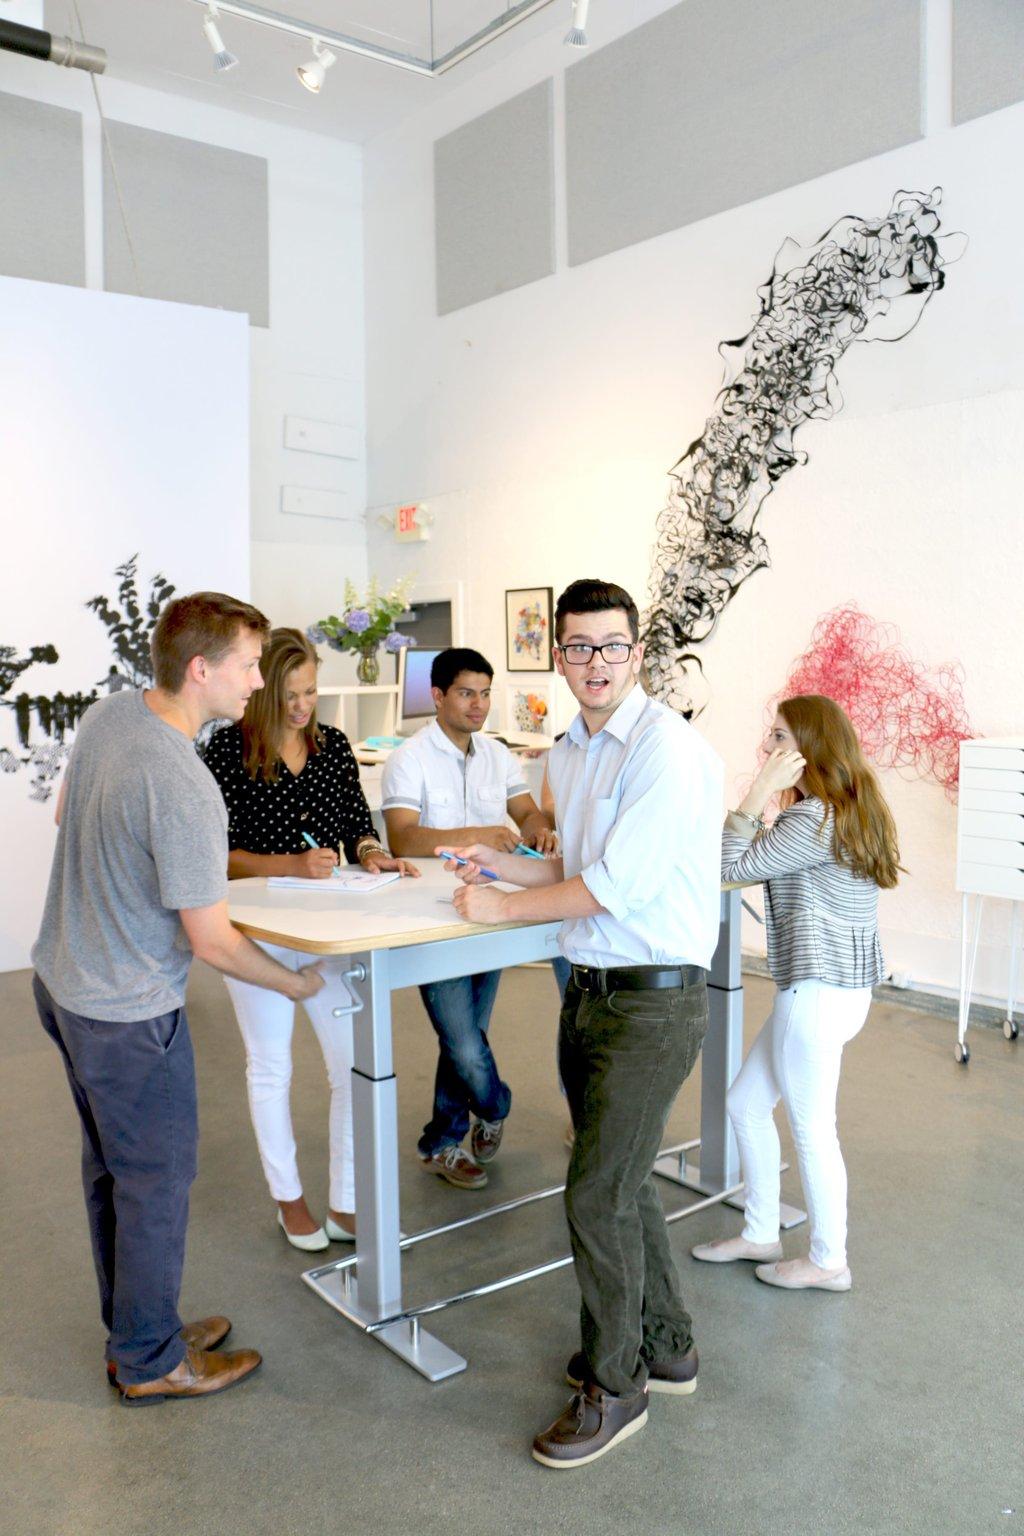 blog-office-design-trends-2017-standing-table.jpg